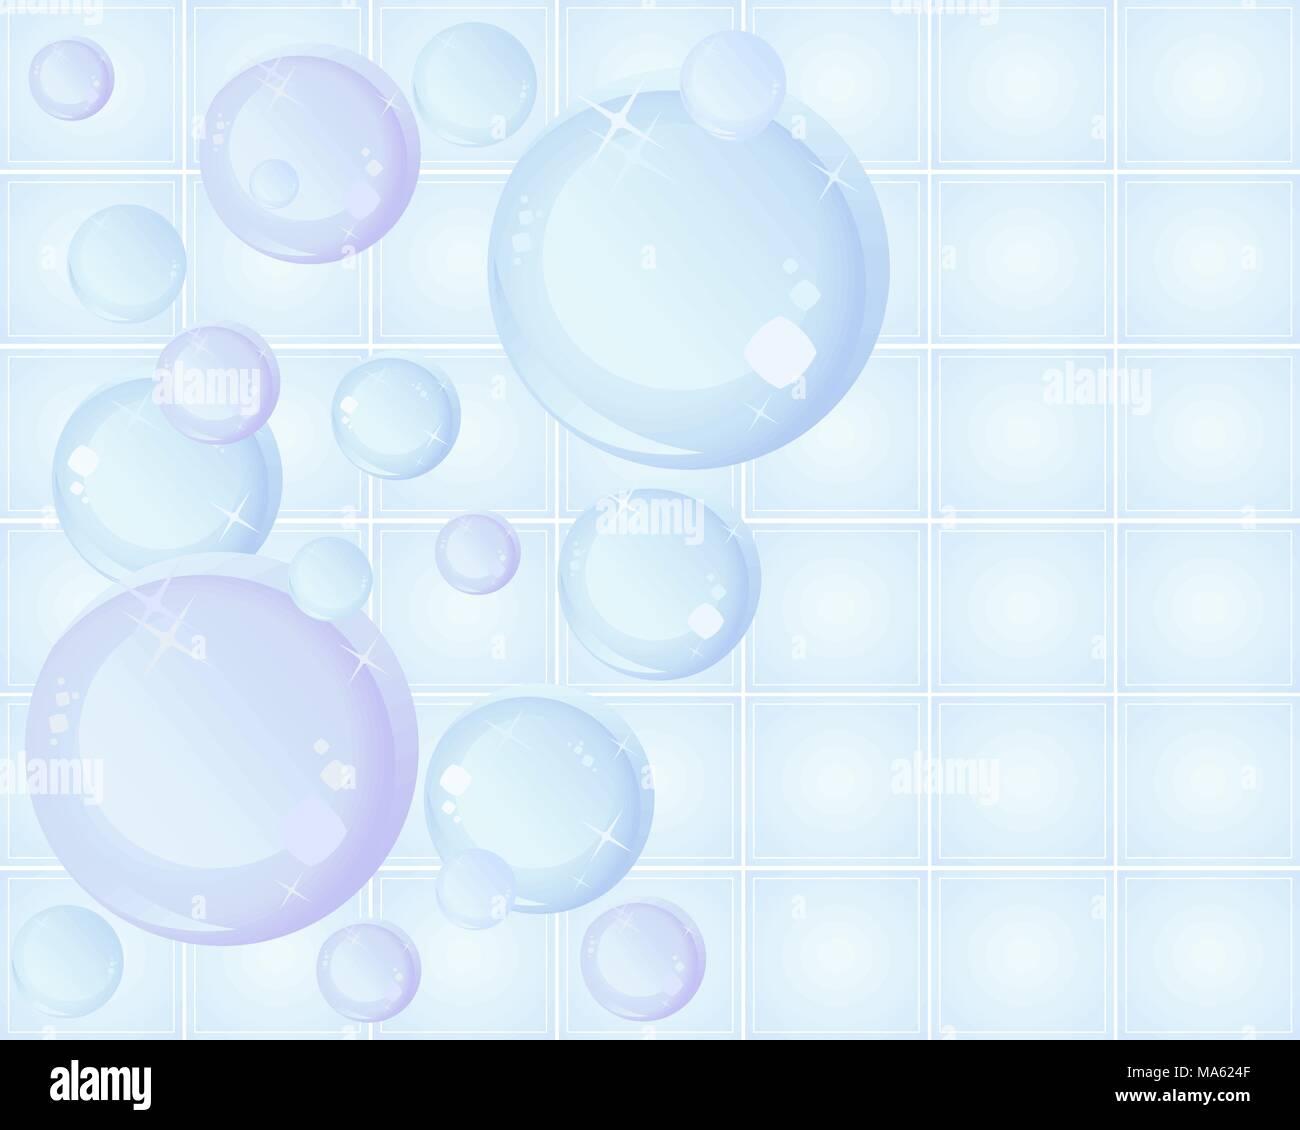 Una illustrazione vettoriale in formato eps formato 10 di bolle stilizzato su una piastrella ceramica sfondo con brillantini e spazio per il testo Immagini Stock